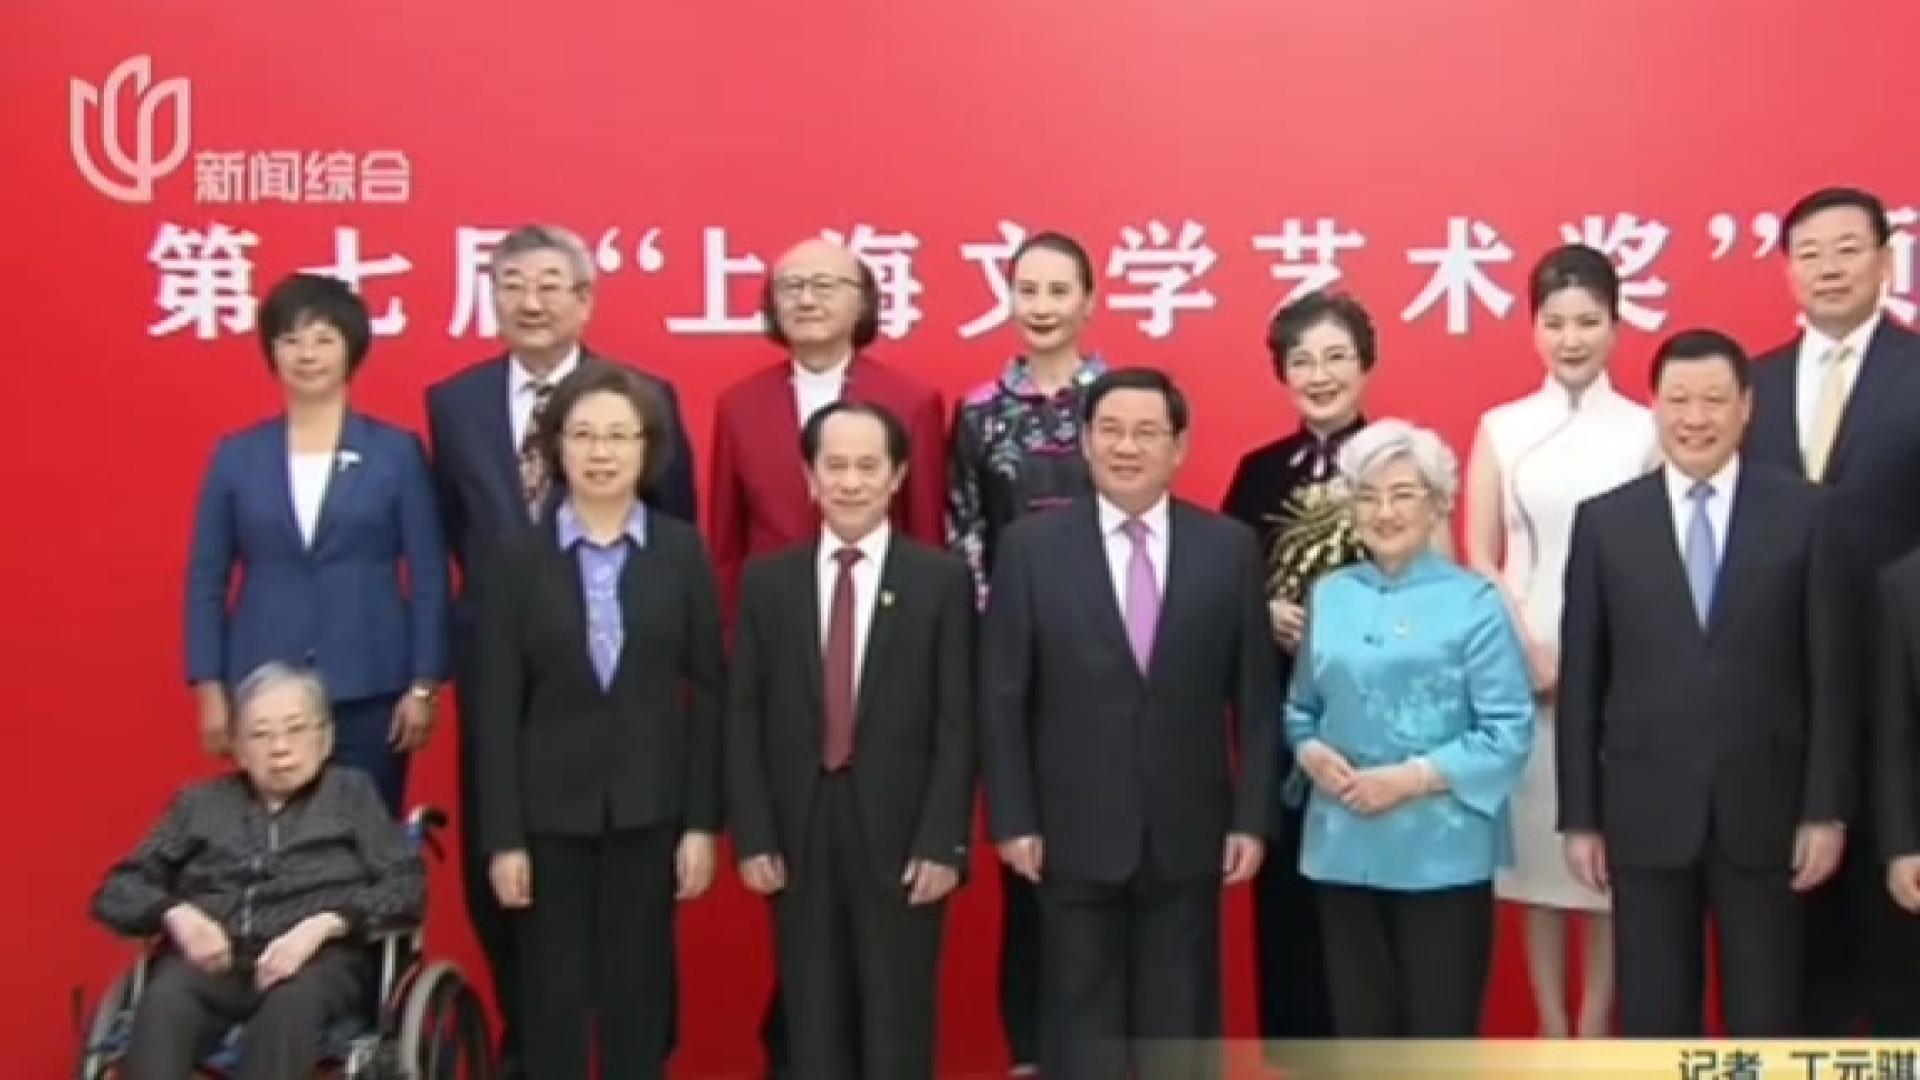 第七届上海文学艺术奖颁奖典礼举行